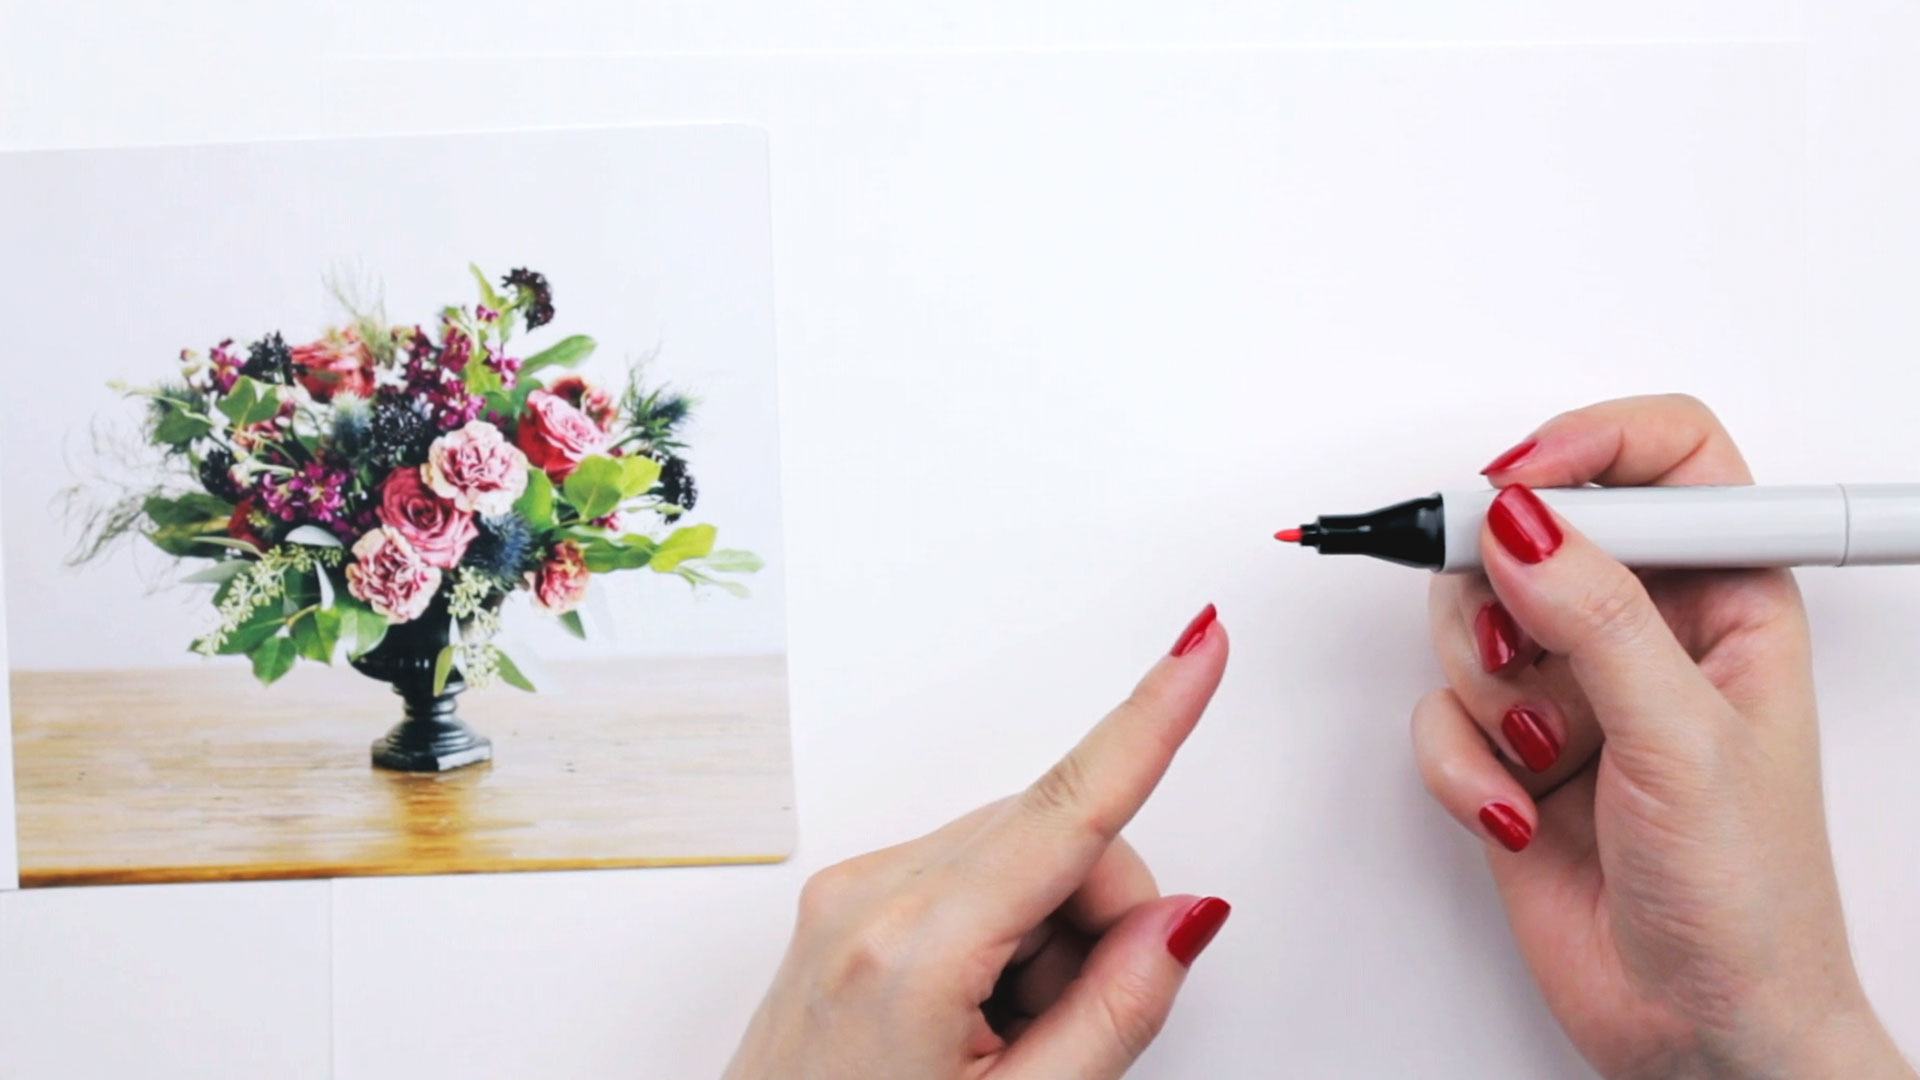 Видео мастер-класс «Как нарисовать маркером цветочную композицию»